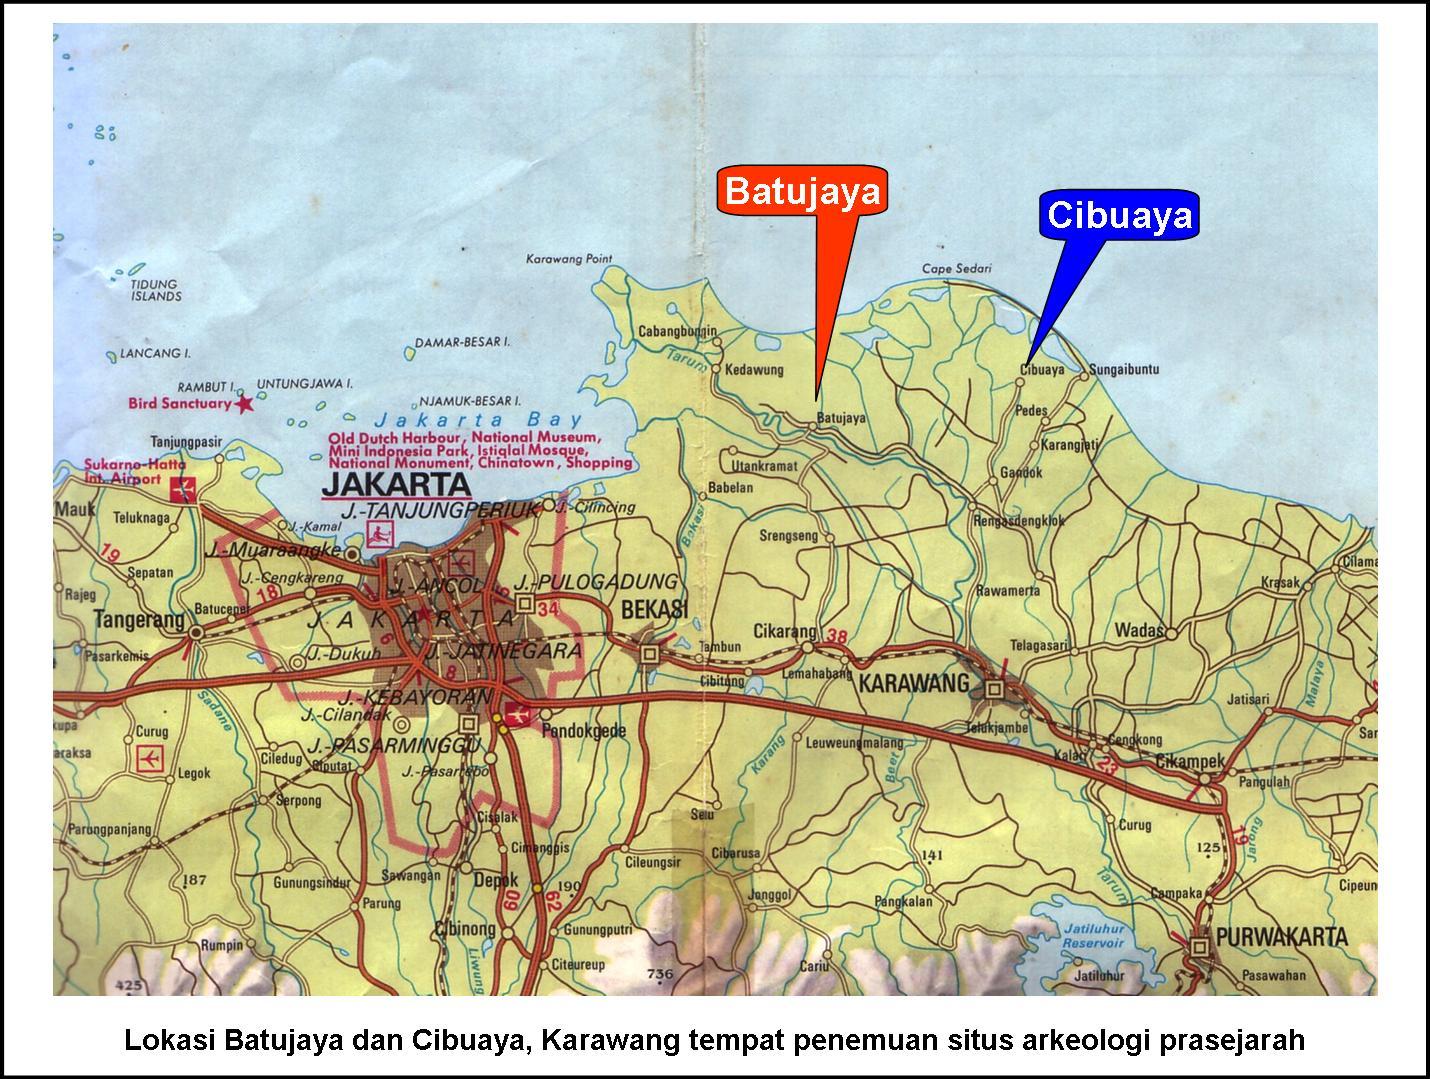 Tetapi, penelitian arkeologi di situs Batujaya harus berdampingan ...